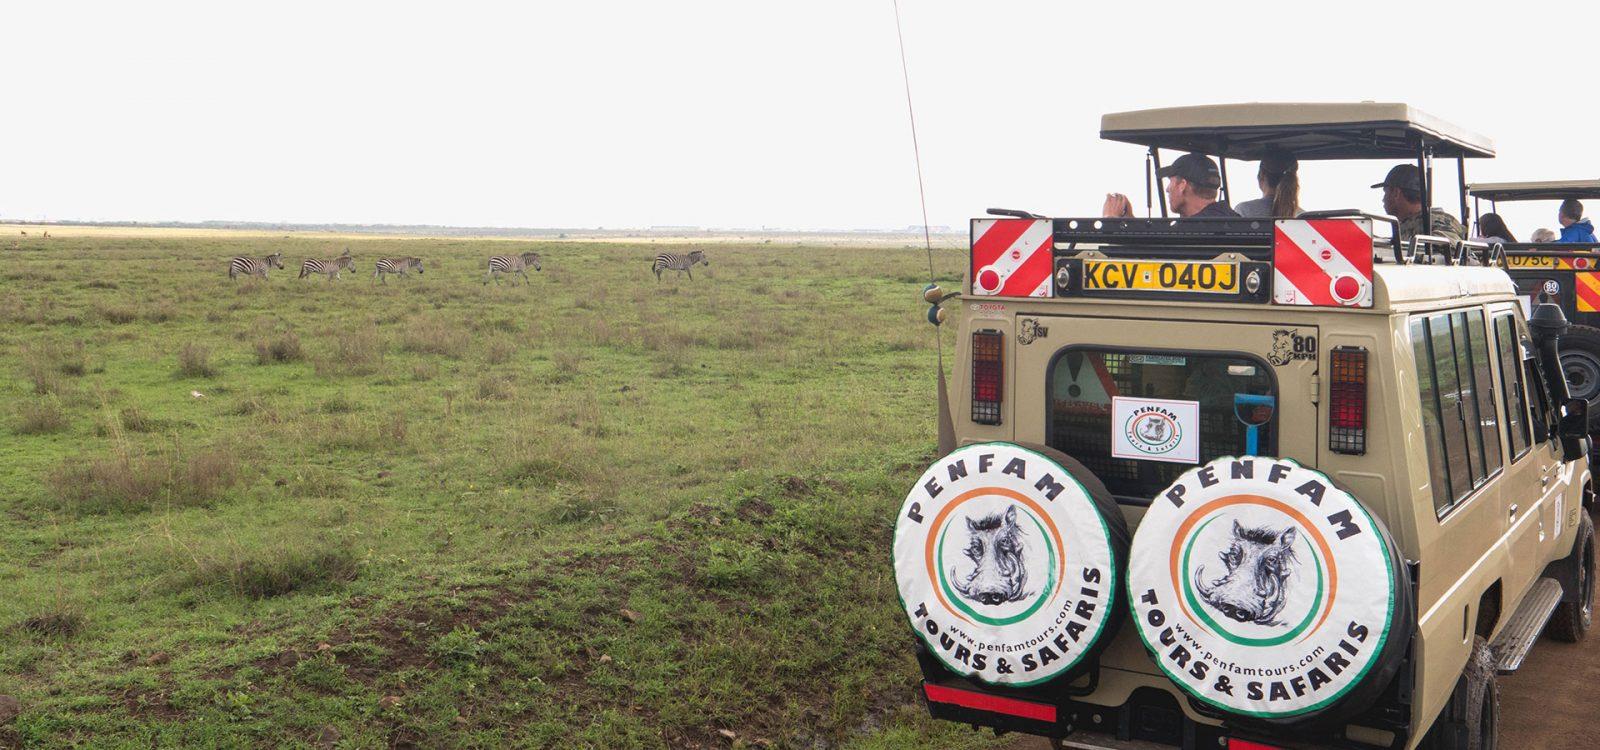 Penfam Tours and Safaris 4x4 van Nairobi National Park